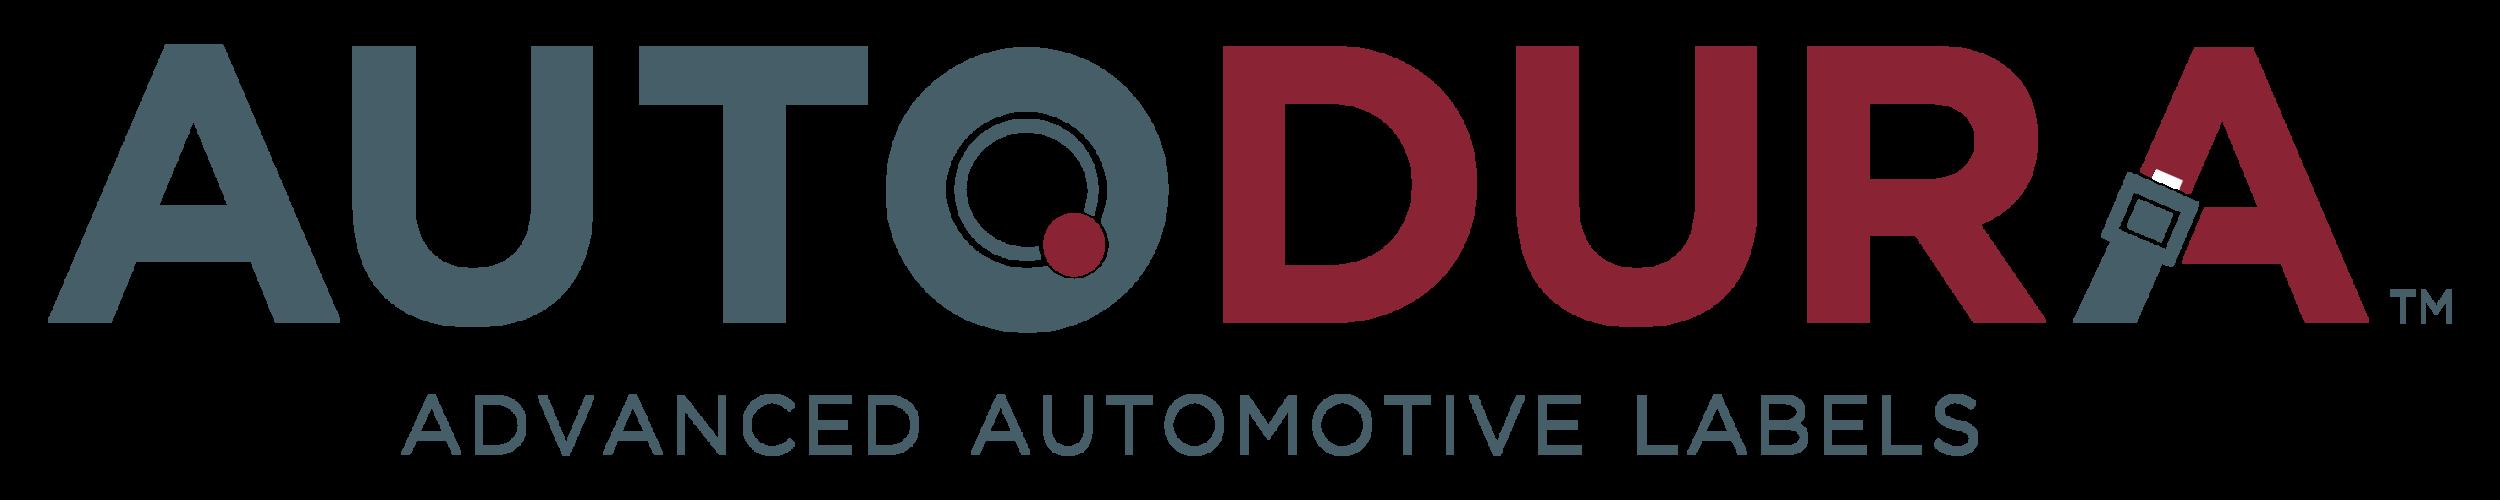 ITW-Autodura-LogoMaster.png